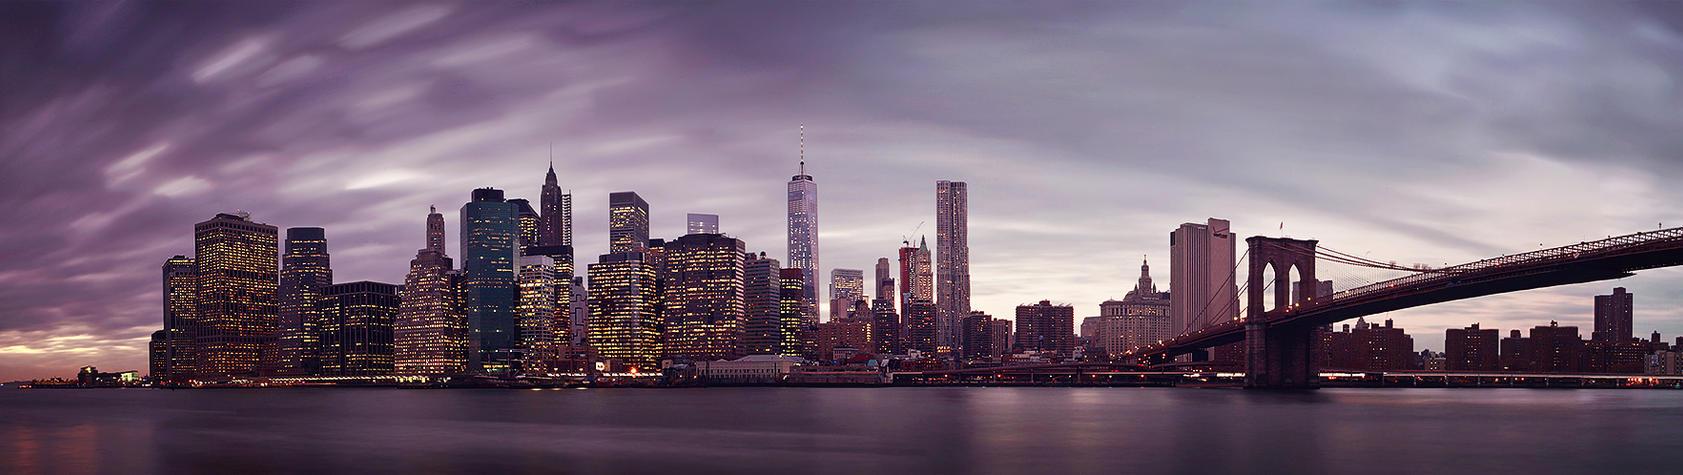 NYC Panorama by sensorfleck